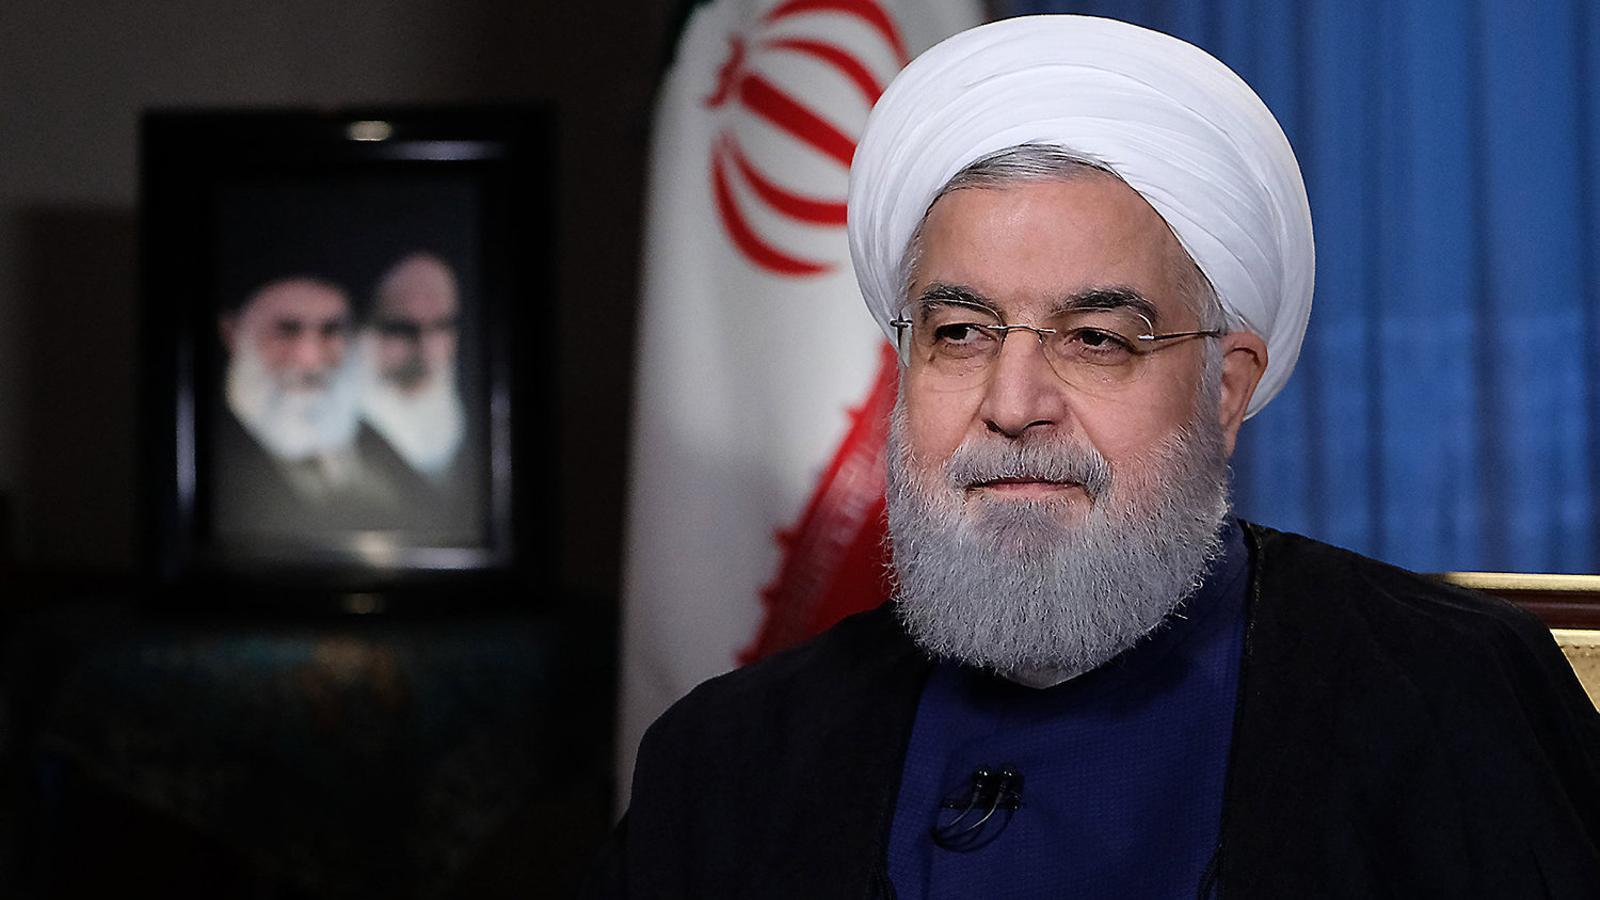 El president iranià, Hassan Rohani, durant l'entrevista que va concedir ahir a la televisió del país.